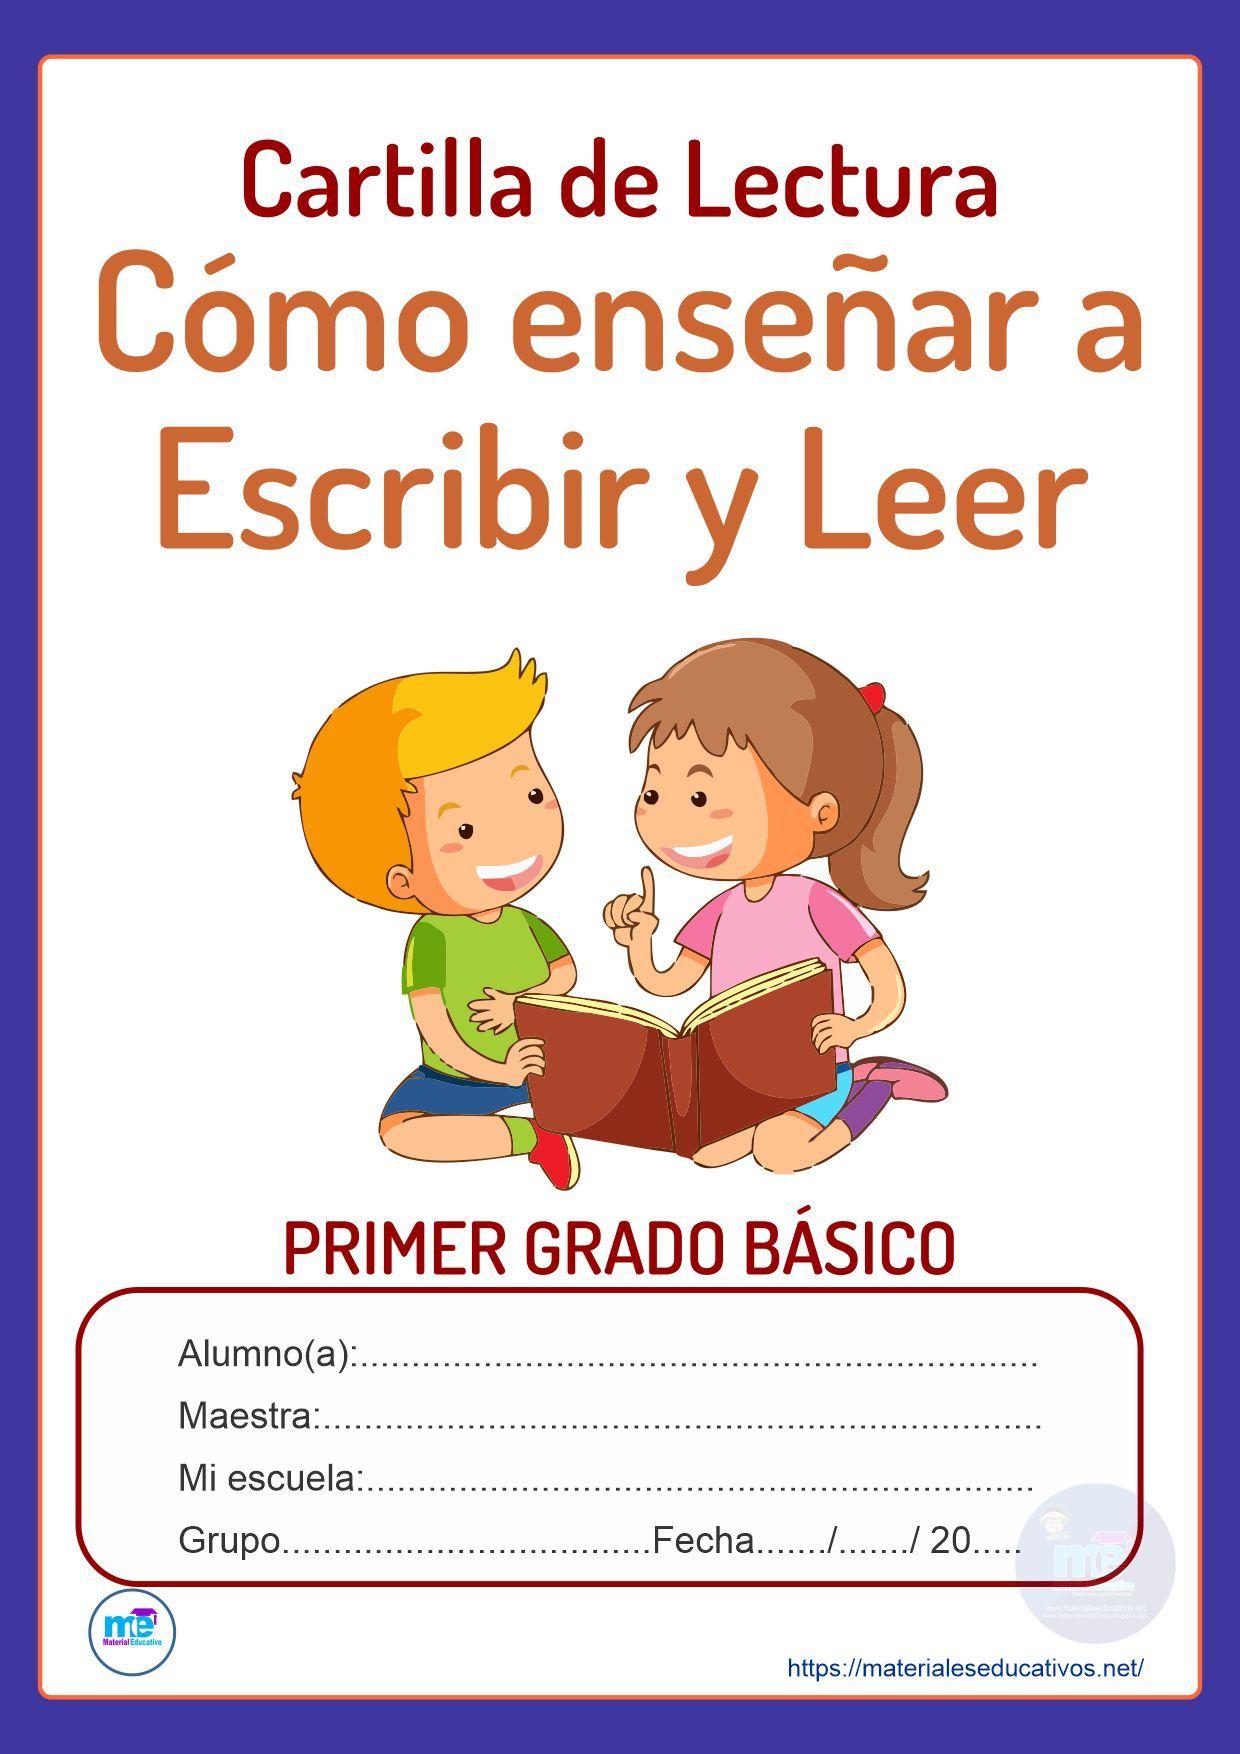 Cartilla de Lectura. Cómo enseñar a escribir y leer. Preescolar y Primer grado básico. Archivo en PDF 80 páginas.